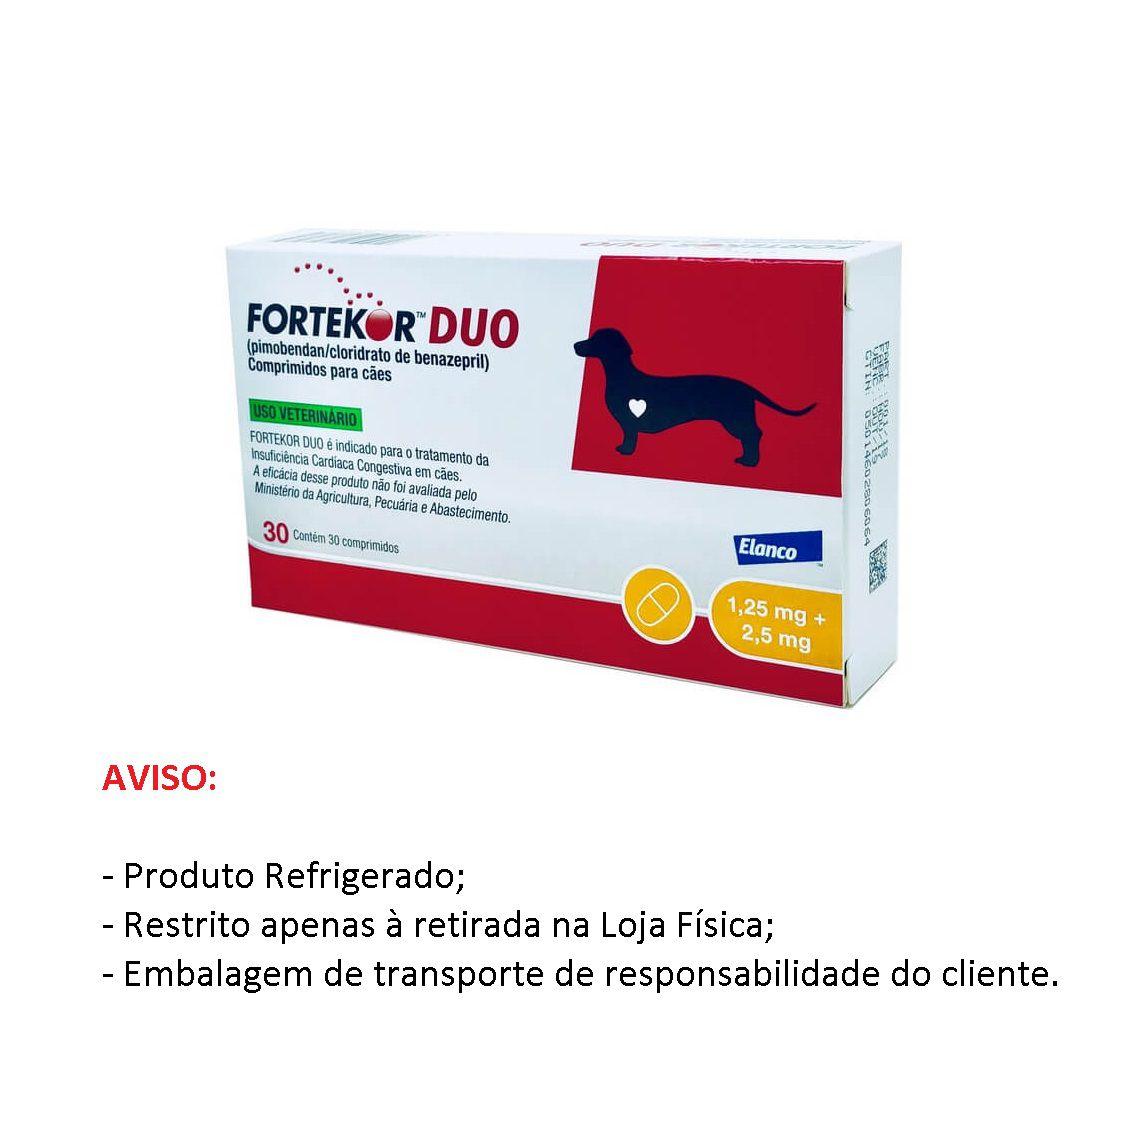 Fortekor DUO 1,25mg/2,5mg para Cães com 30 comprimidos - Elanco (Produto Refrigerado)